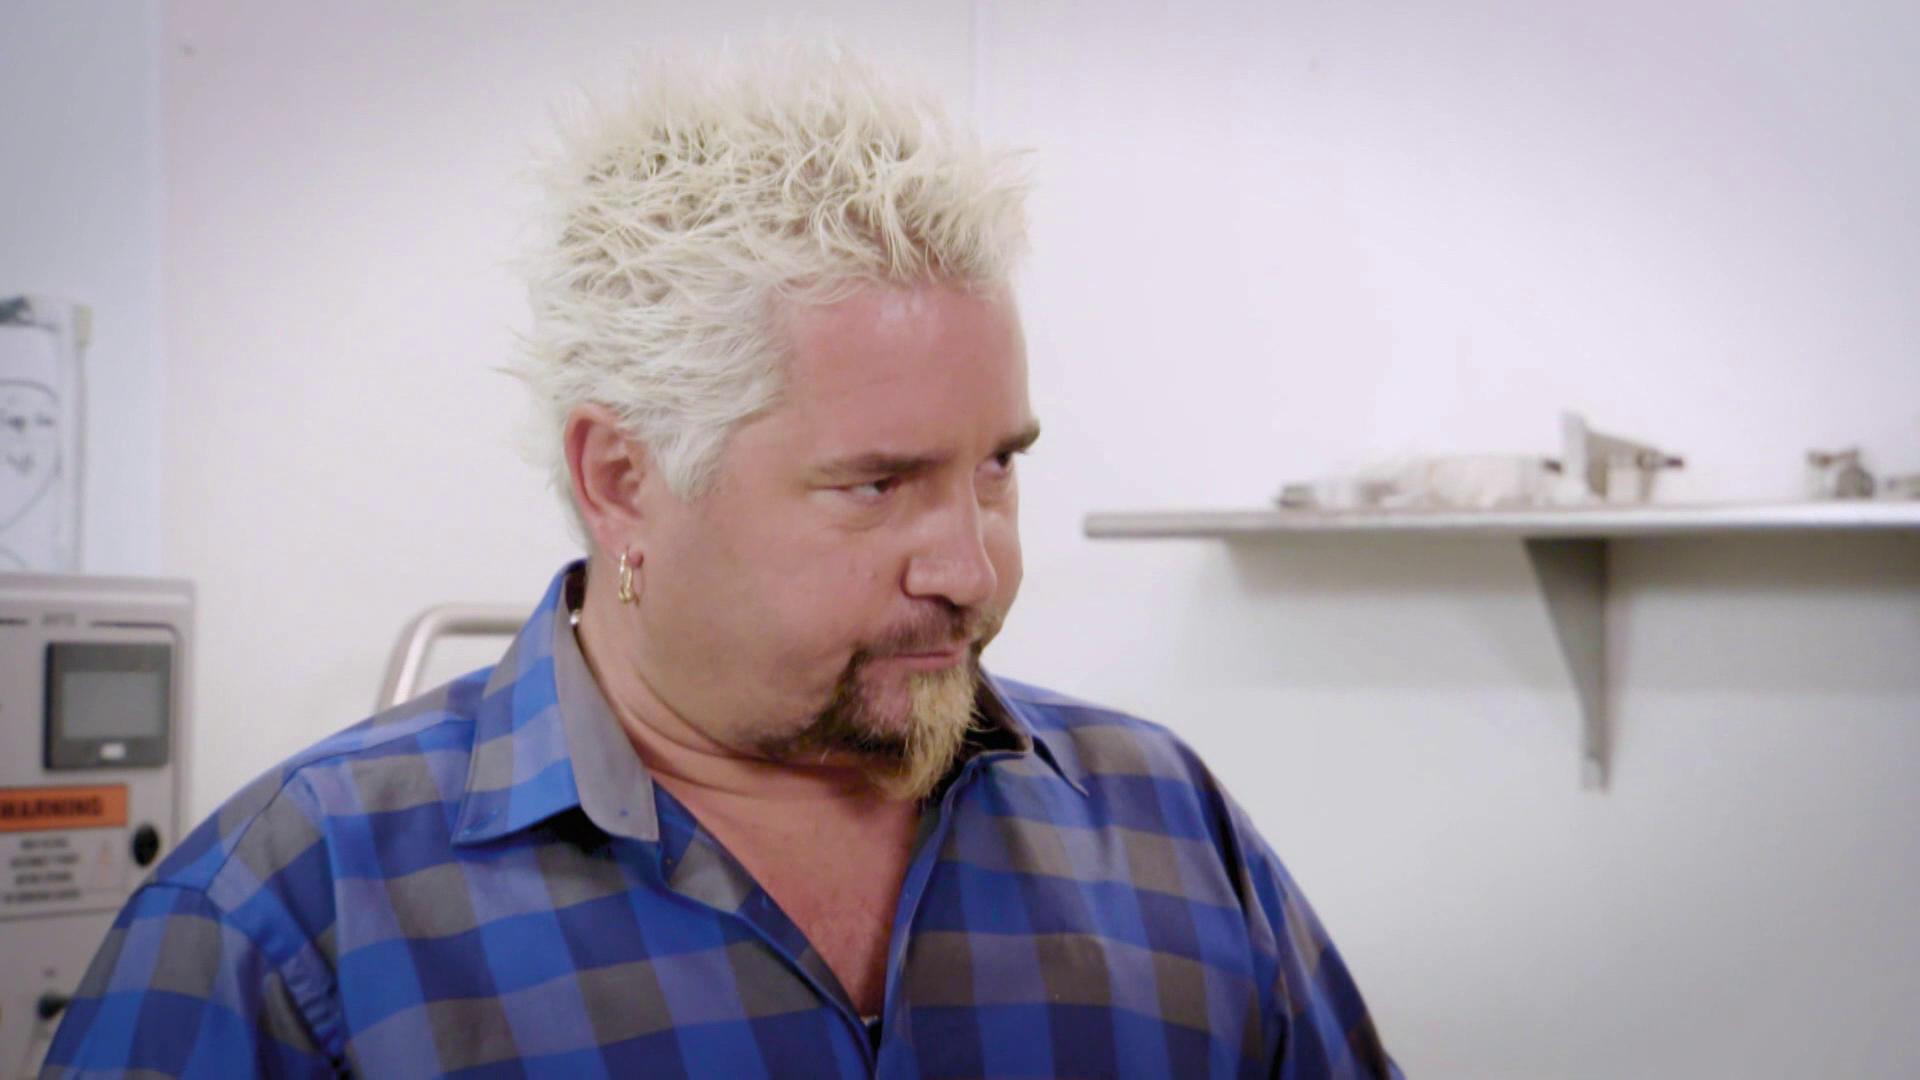 A tavola con guy piatti squisiti in piccole citt dplay - Food network ricette a tavola con guy ...